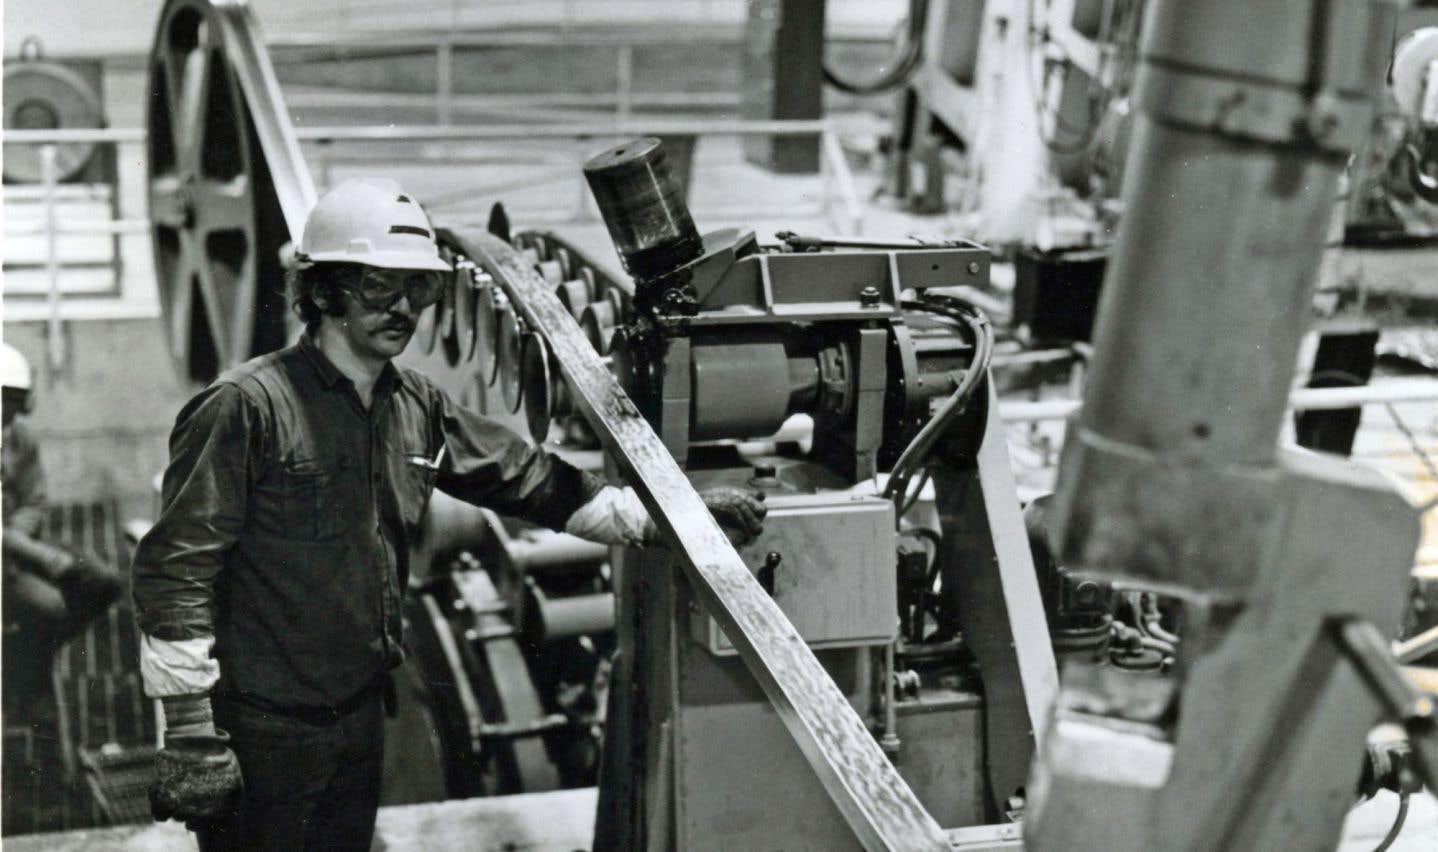 Les belles années du papier et de l'aluminium semblent révolues, alors que les grandes entreprises conservent la mainmise sur les ressources hydrauliques et forestières de la région.